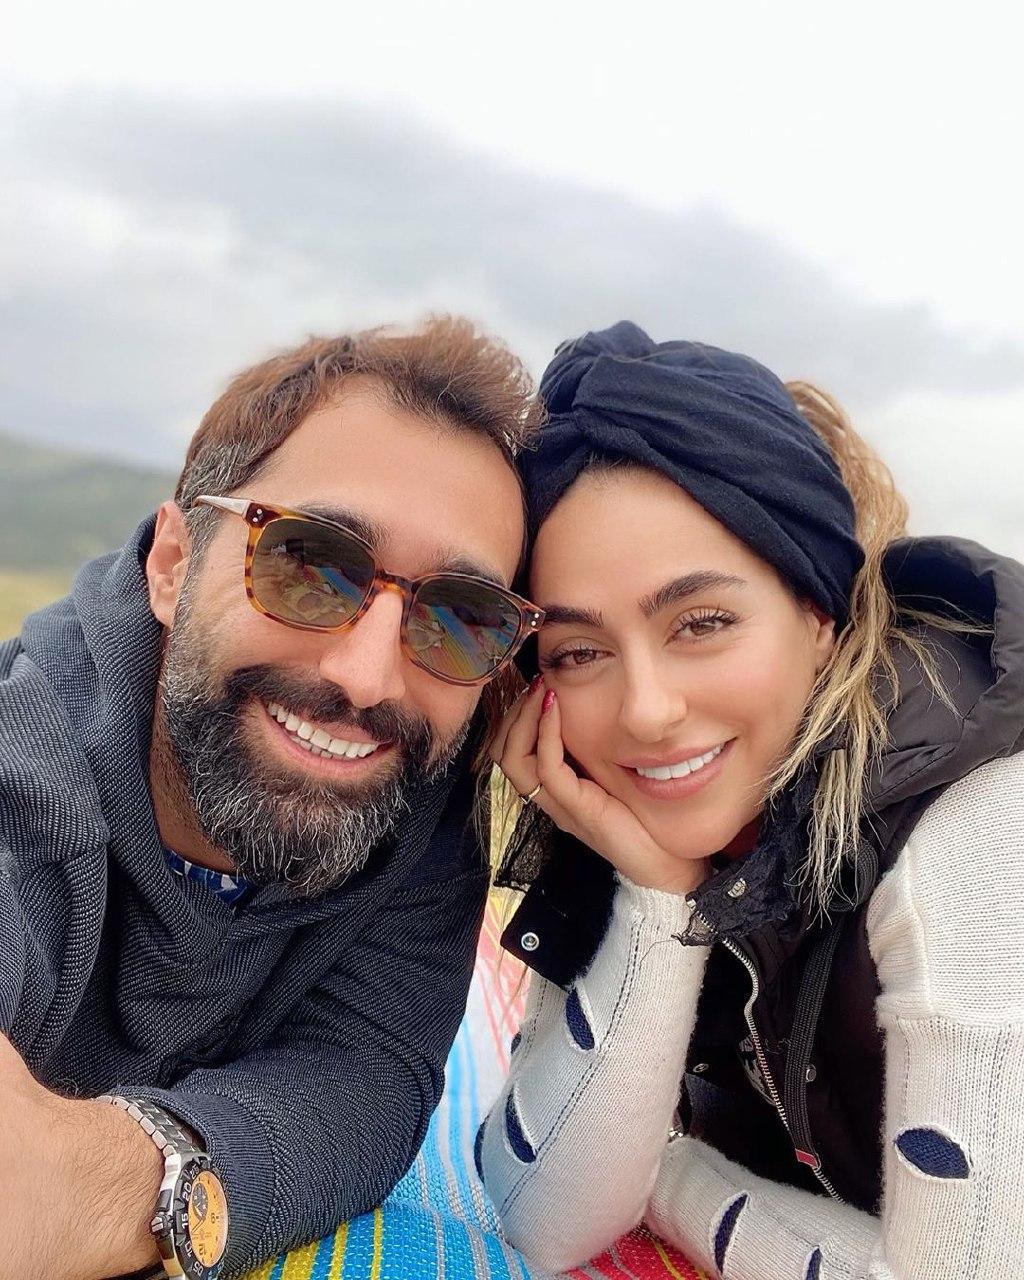 سمانه پاکدل از کتایون ریاحی دزدی کرد / مجید صالحی لو داد + فیلم و عکس